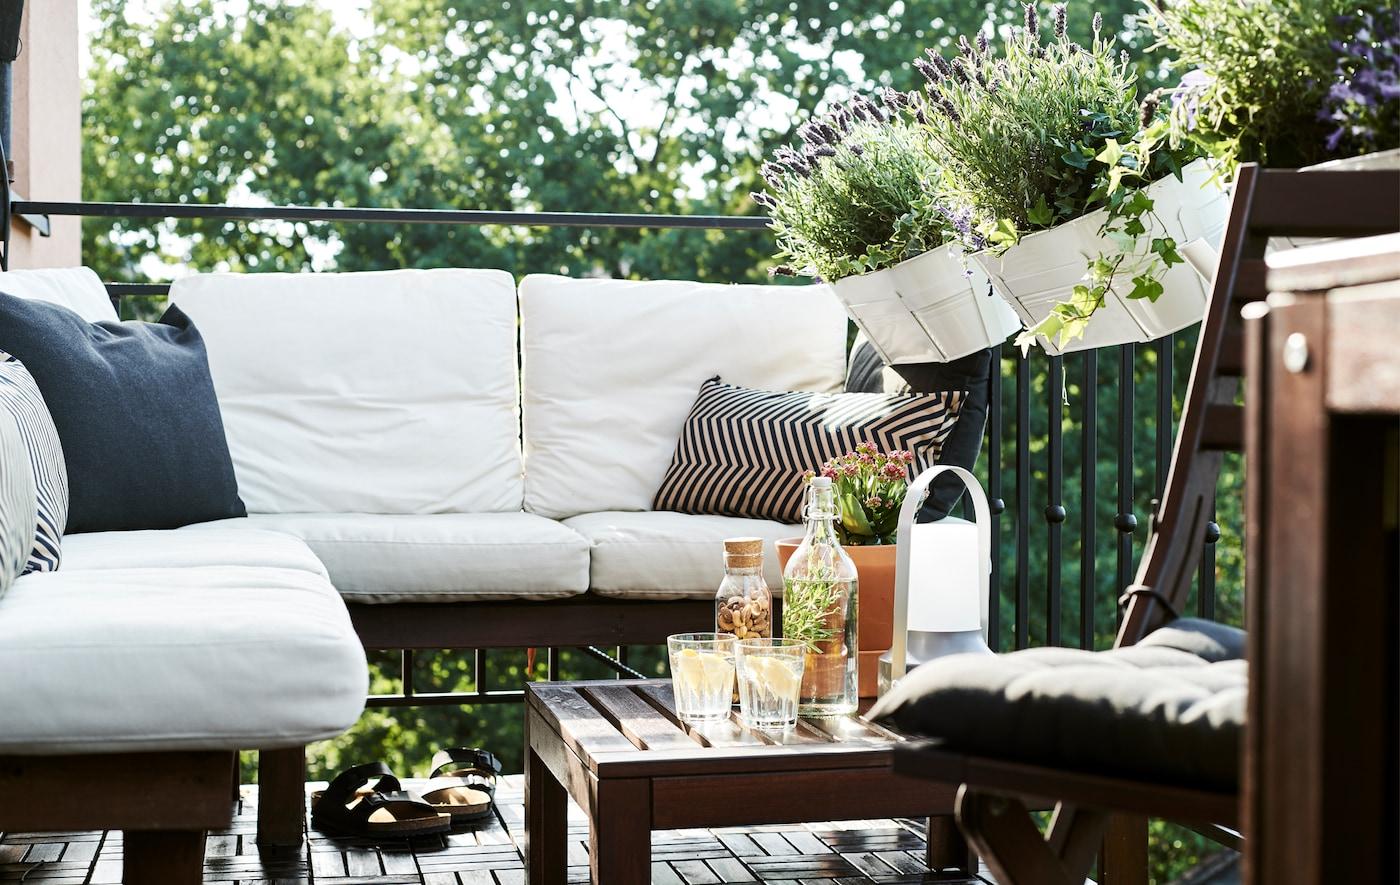 Ciemne, drewniane meble z białymi poduszkami na balkonie z roślinami doniczkowymi.